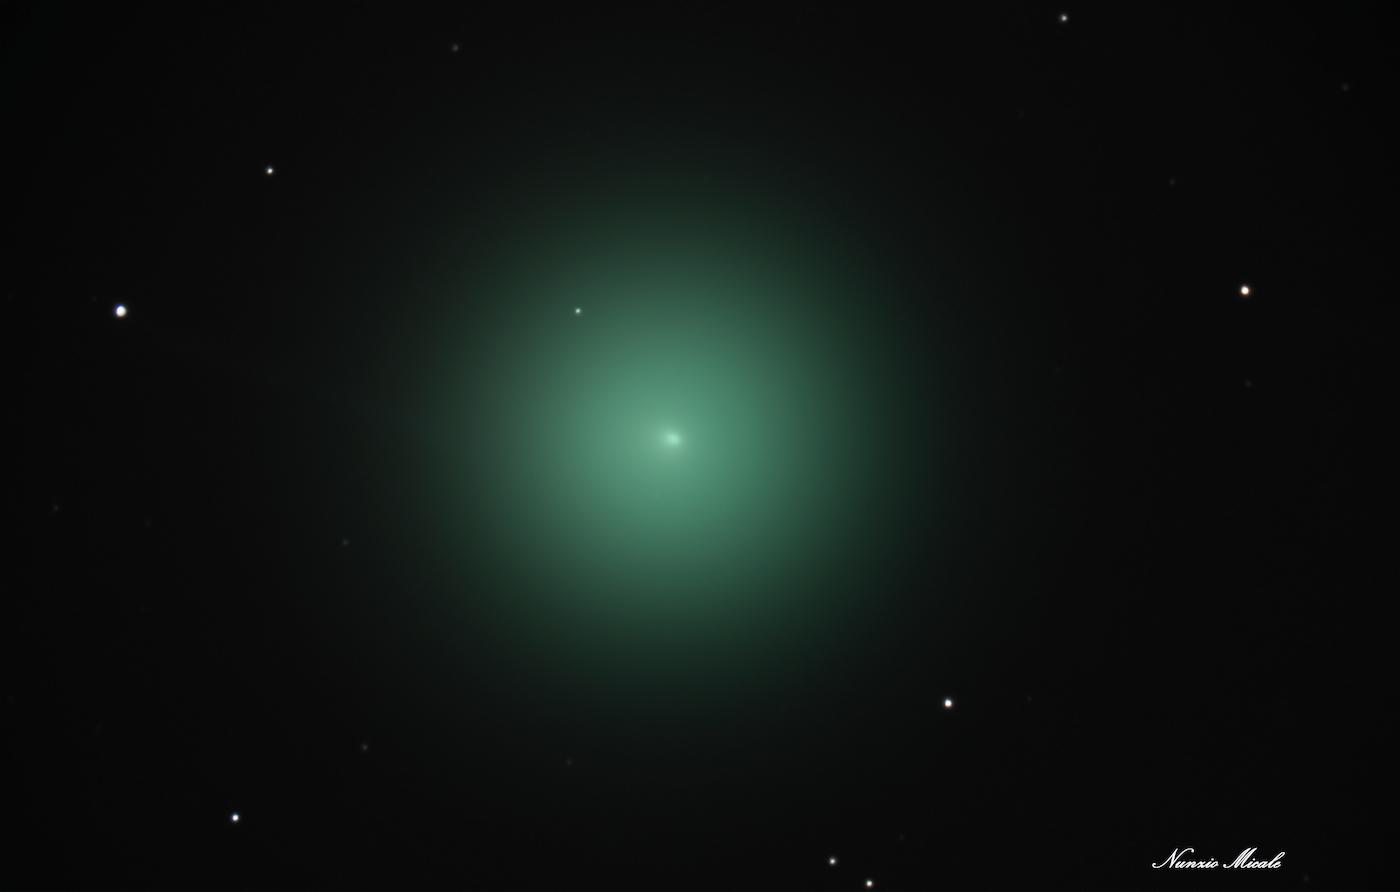 Imagen del Cometa 46P/Wirtanen tomada desde Corato, Italia